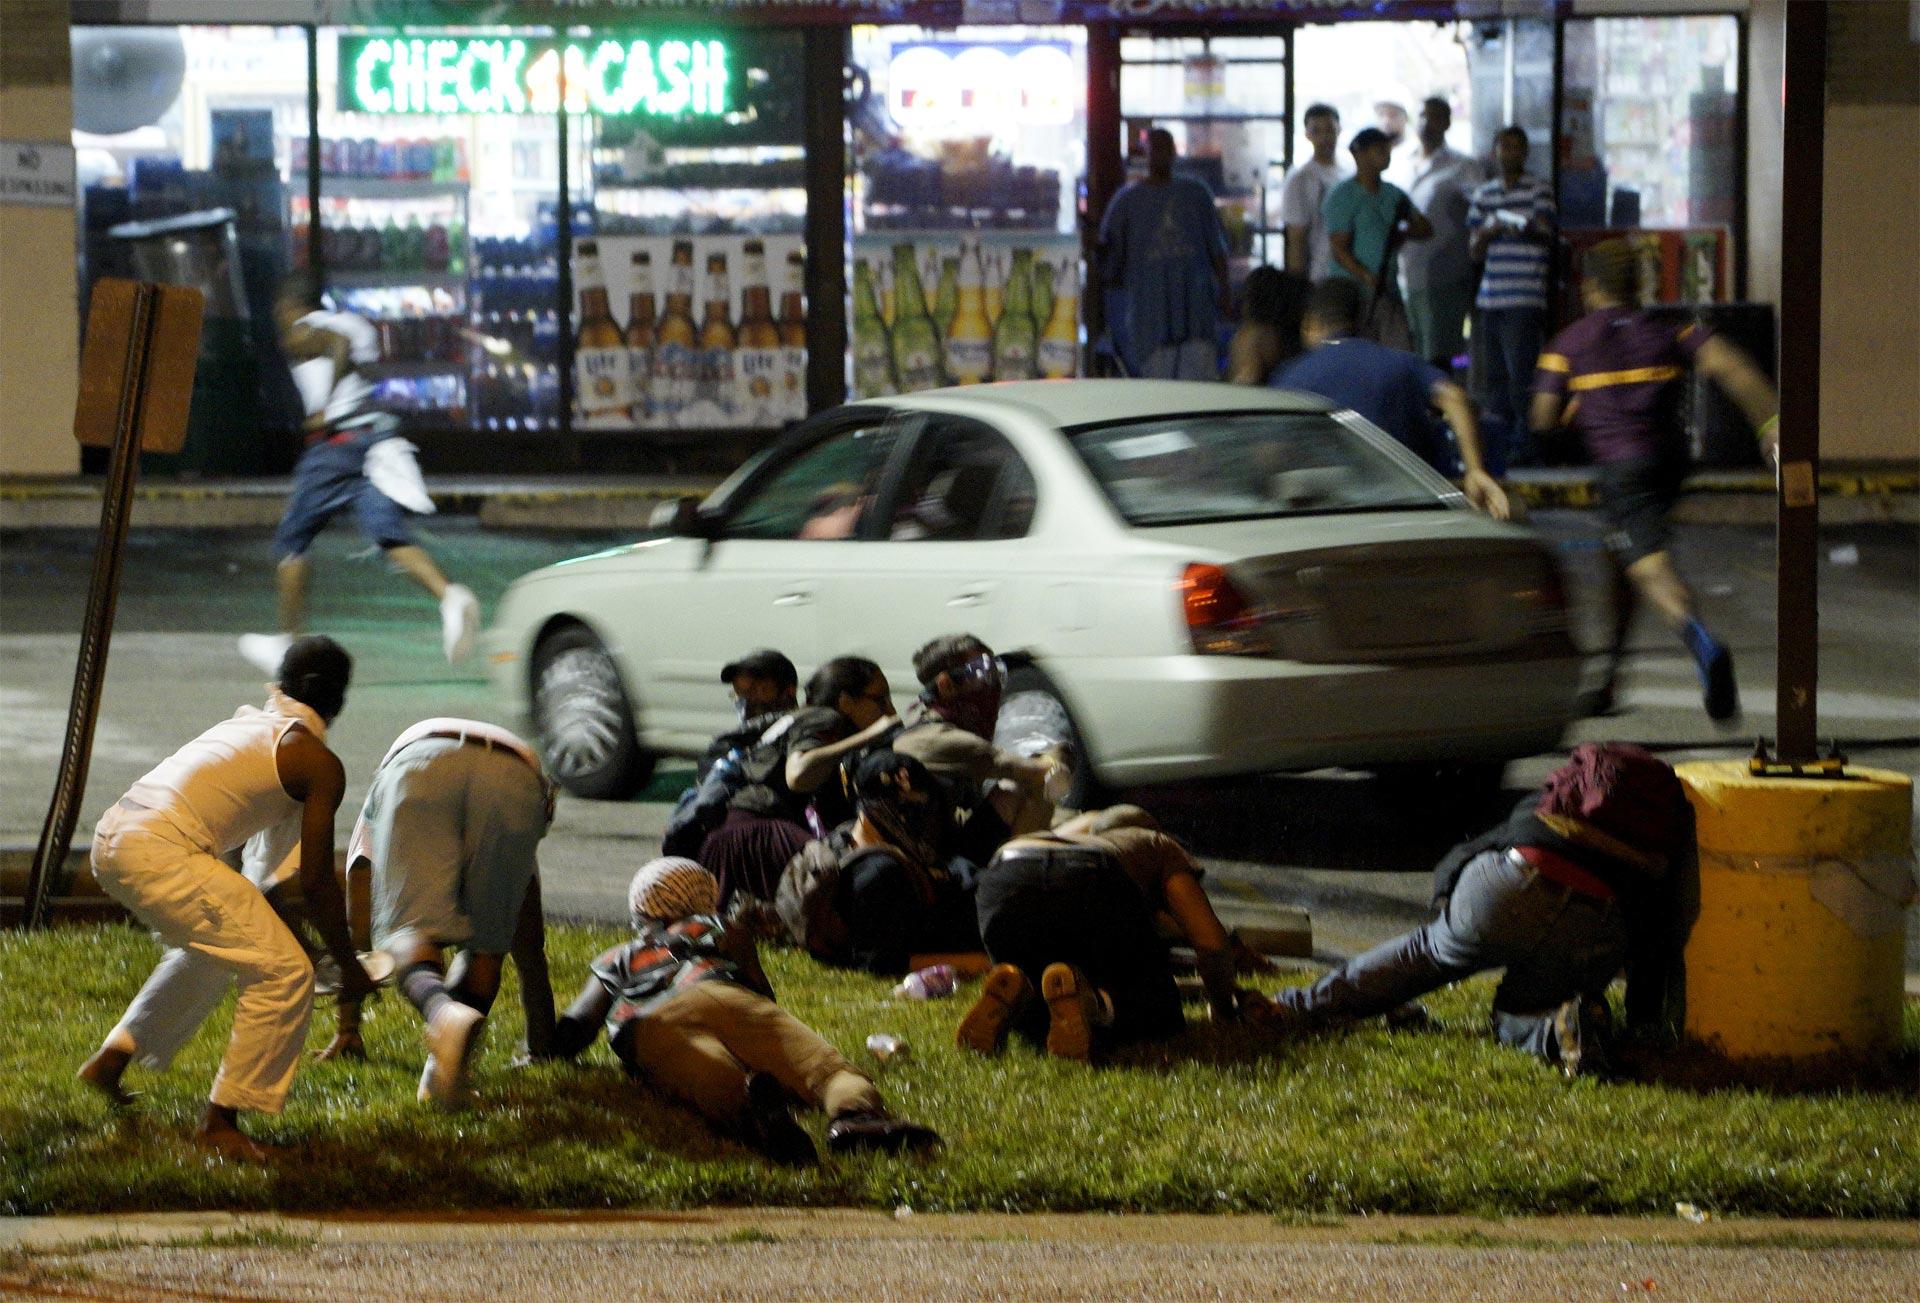 Un tiroteo fue la gota que derramó el vaso: declararon estado de emergencia